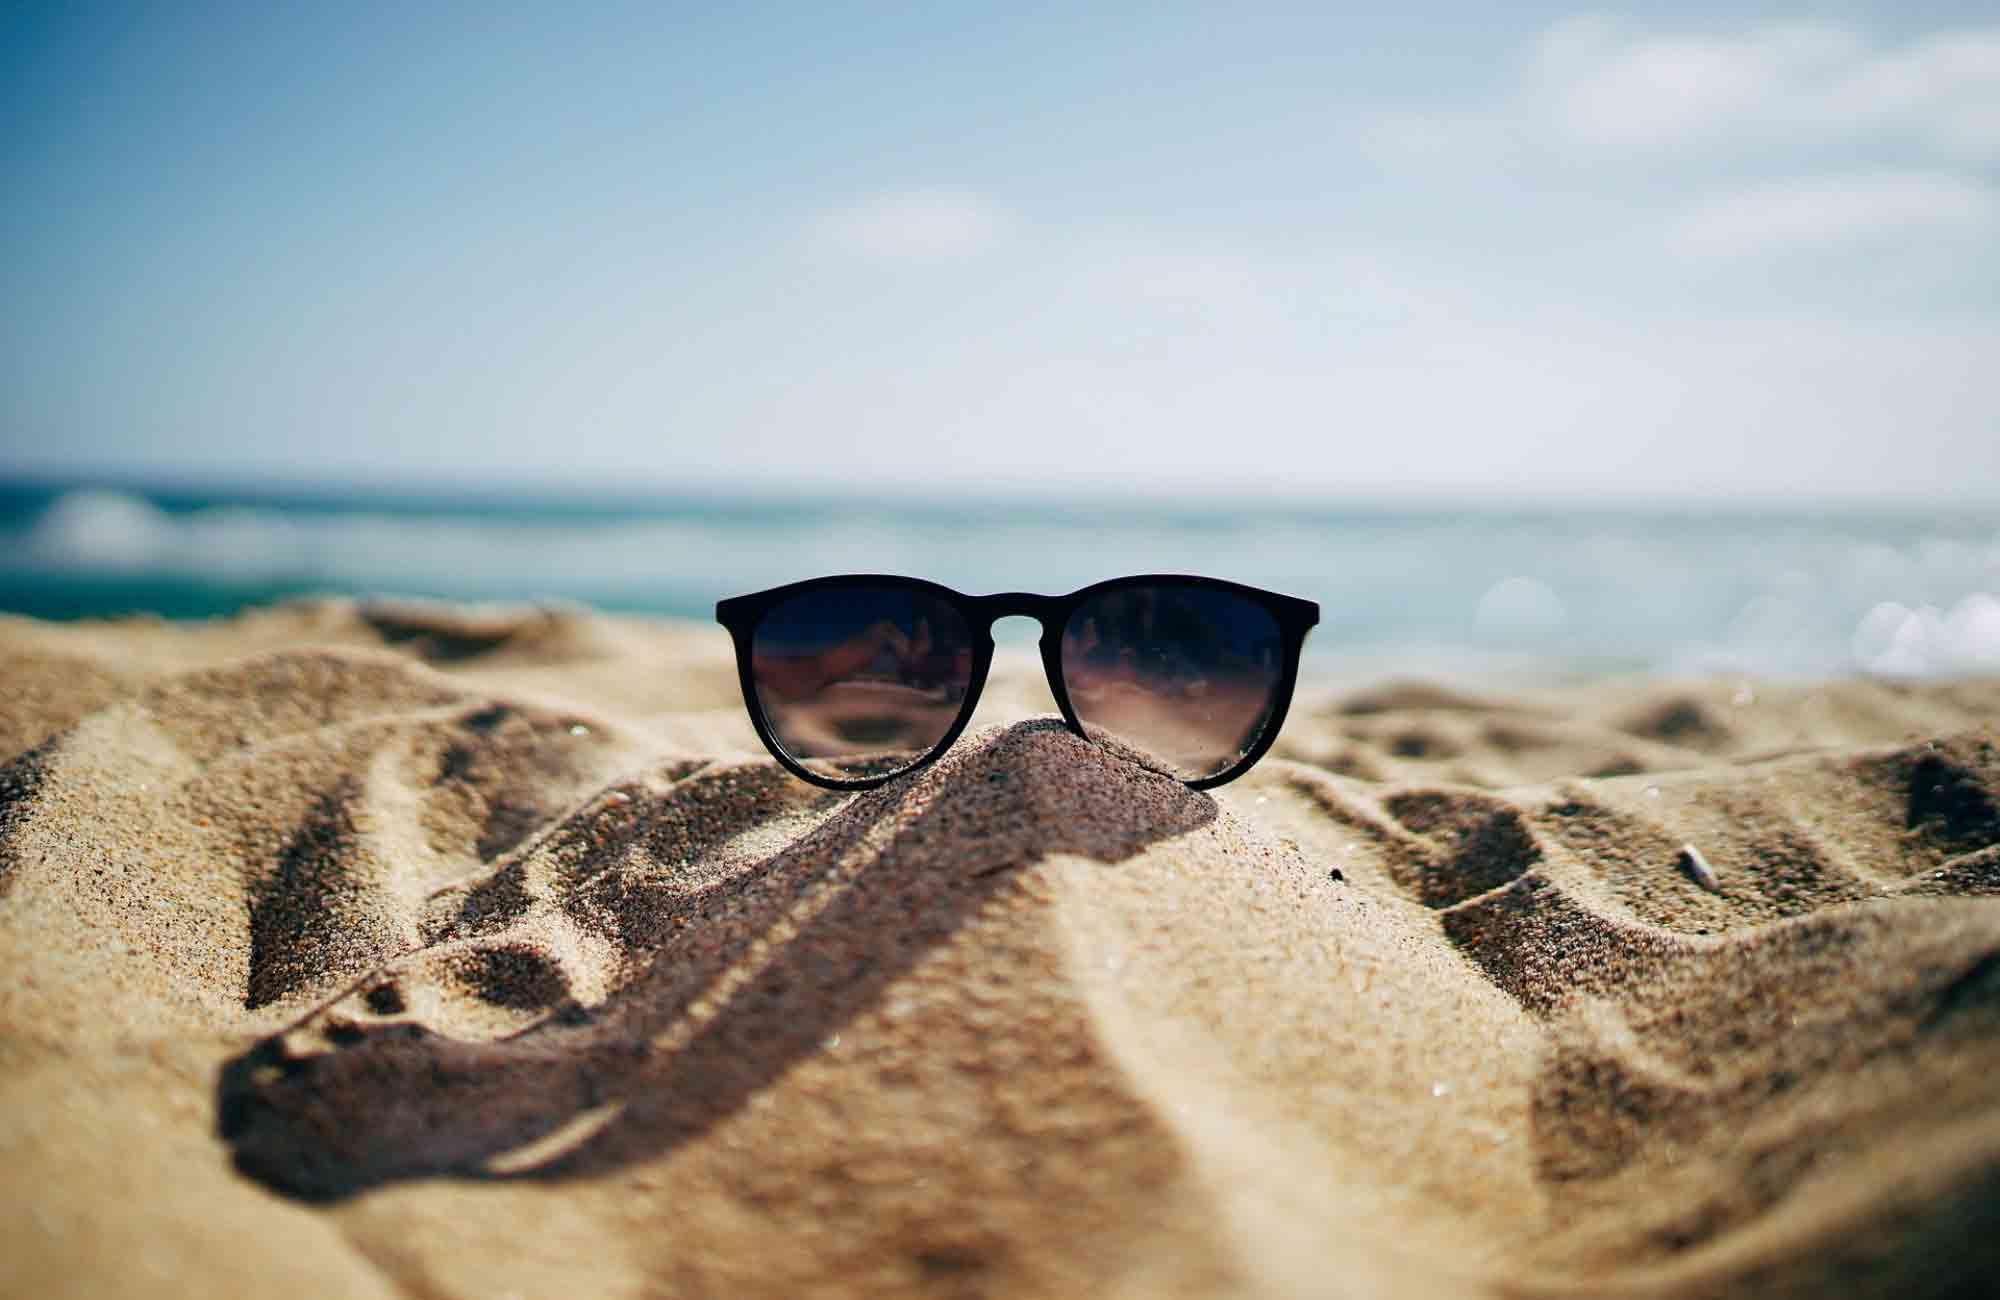 Voyage plage - Lunette de soleil - Amplitudes